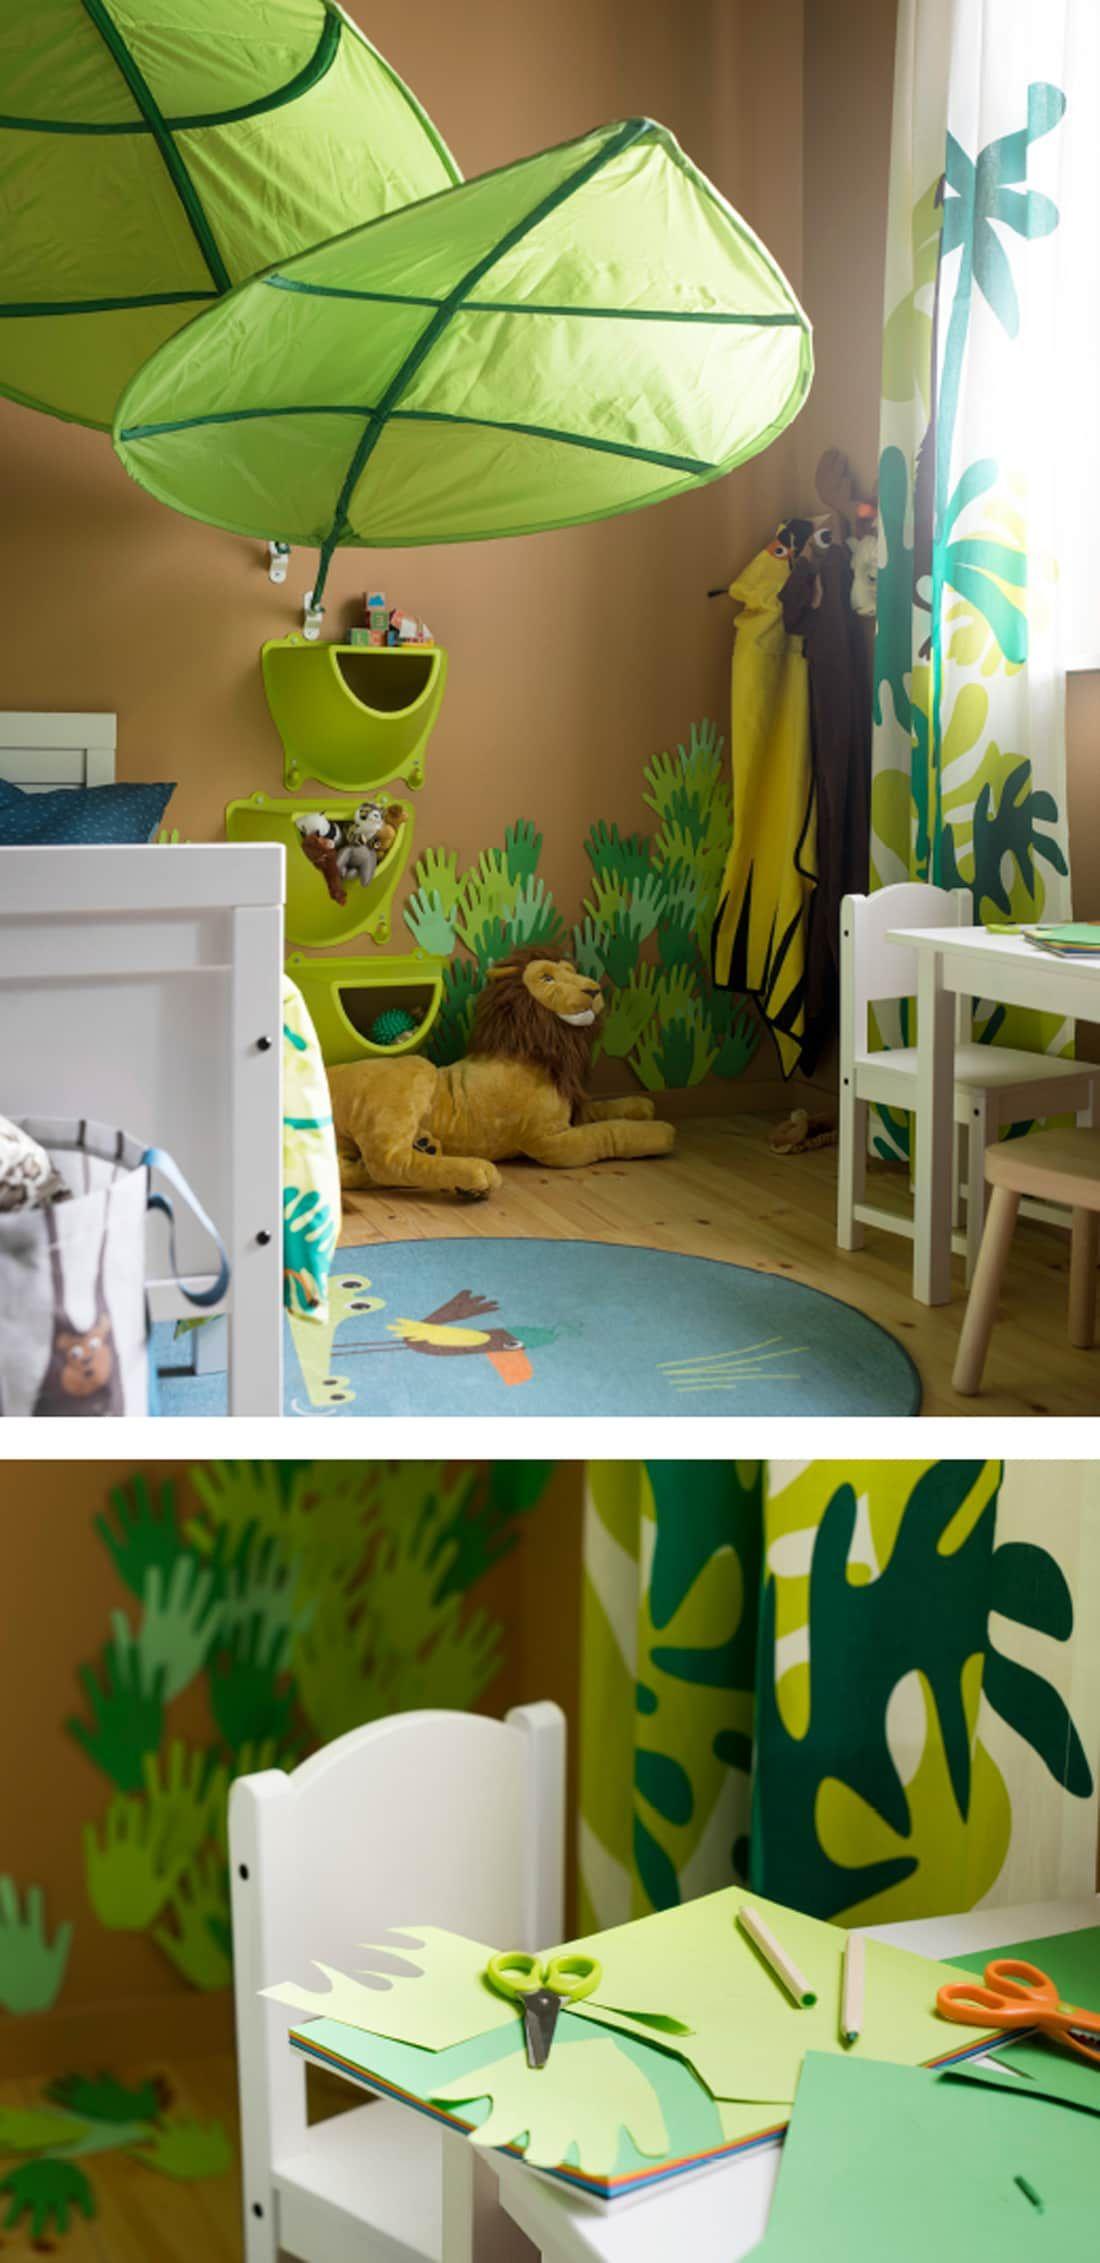 Full Size of Kinderzimmer Einrichtung Dschungel Mal Anders Regale Regal Weiß Sofa Kinderzimmer Kinderzimmer Einrichtung